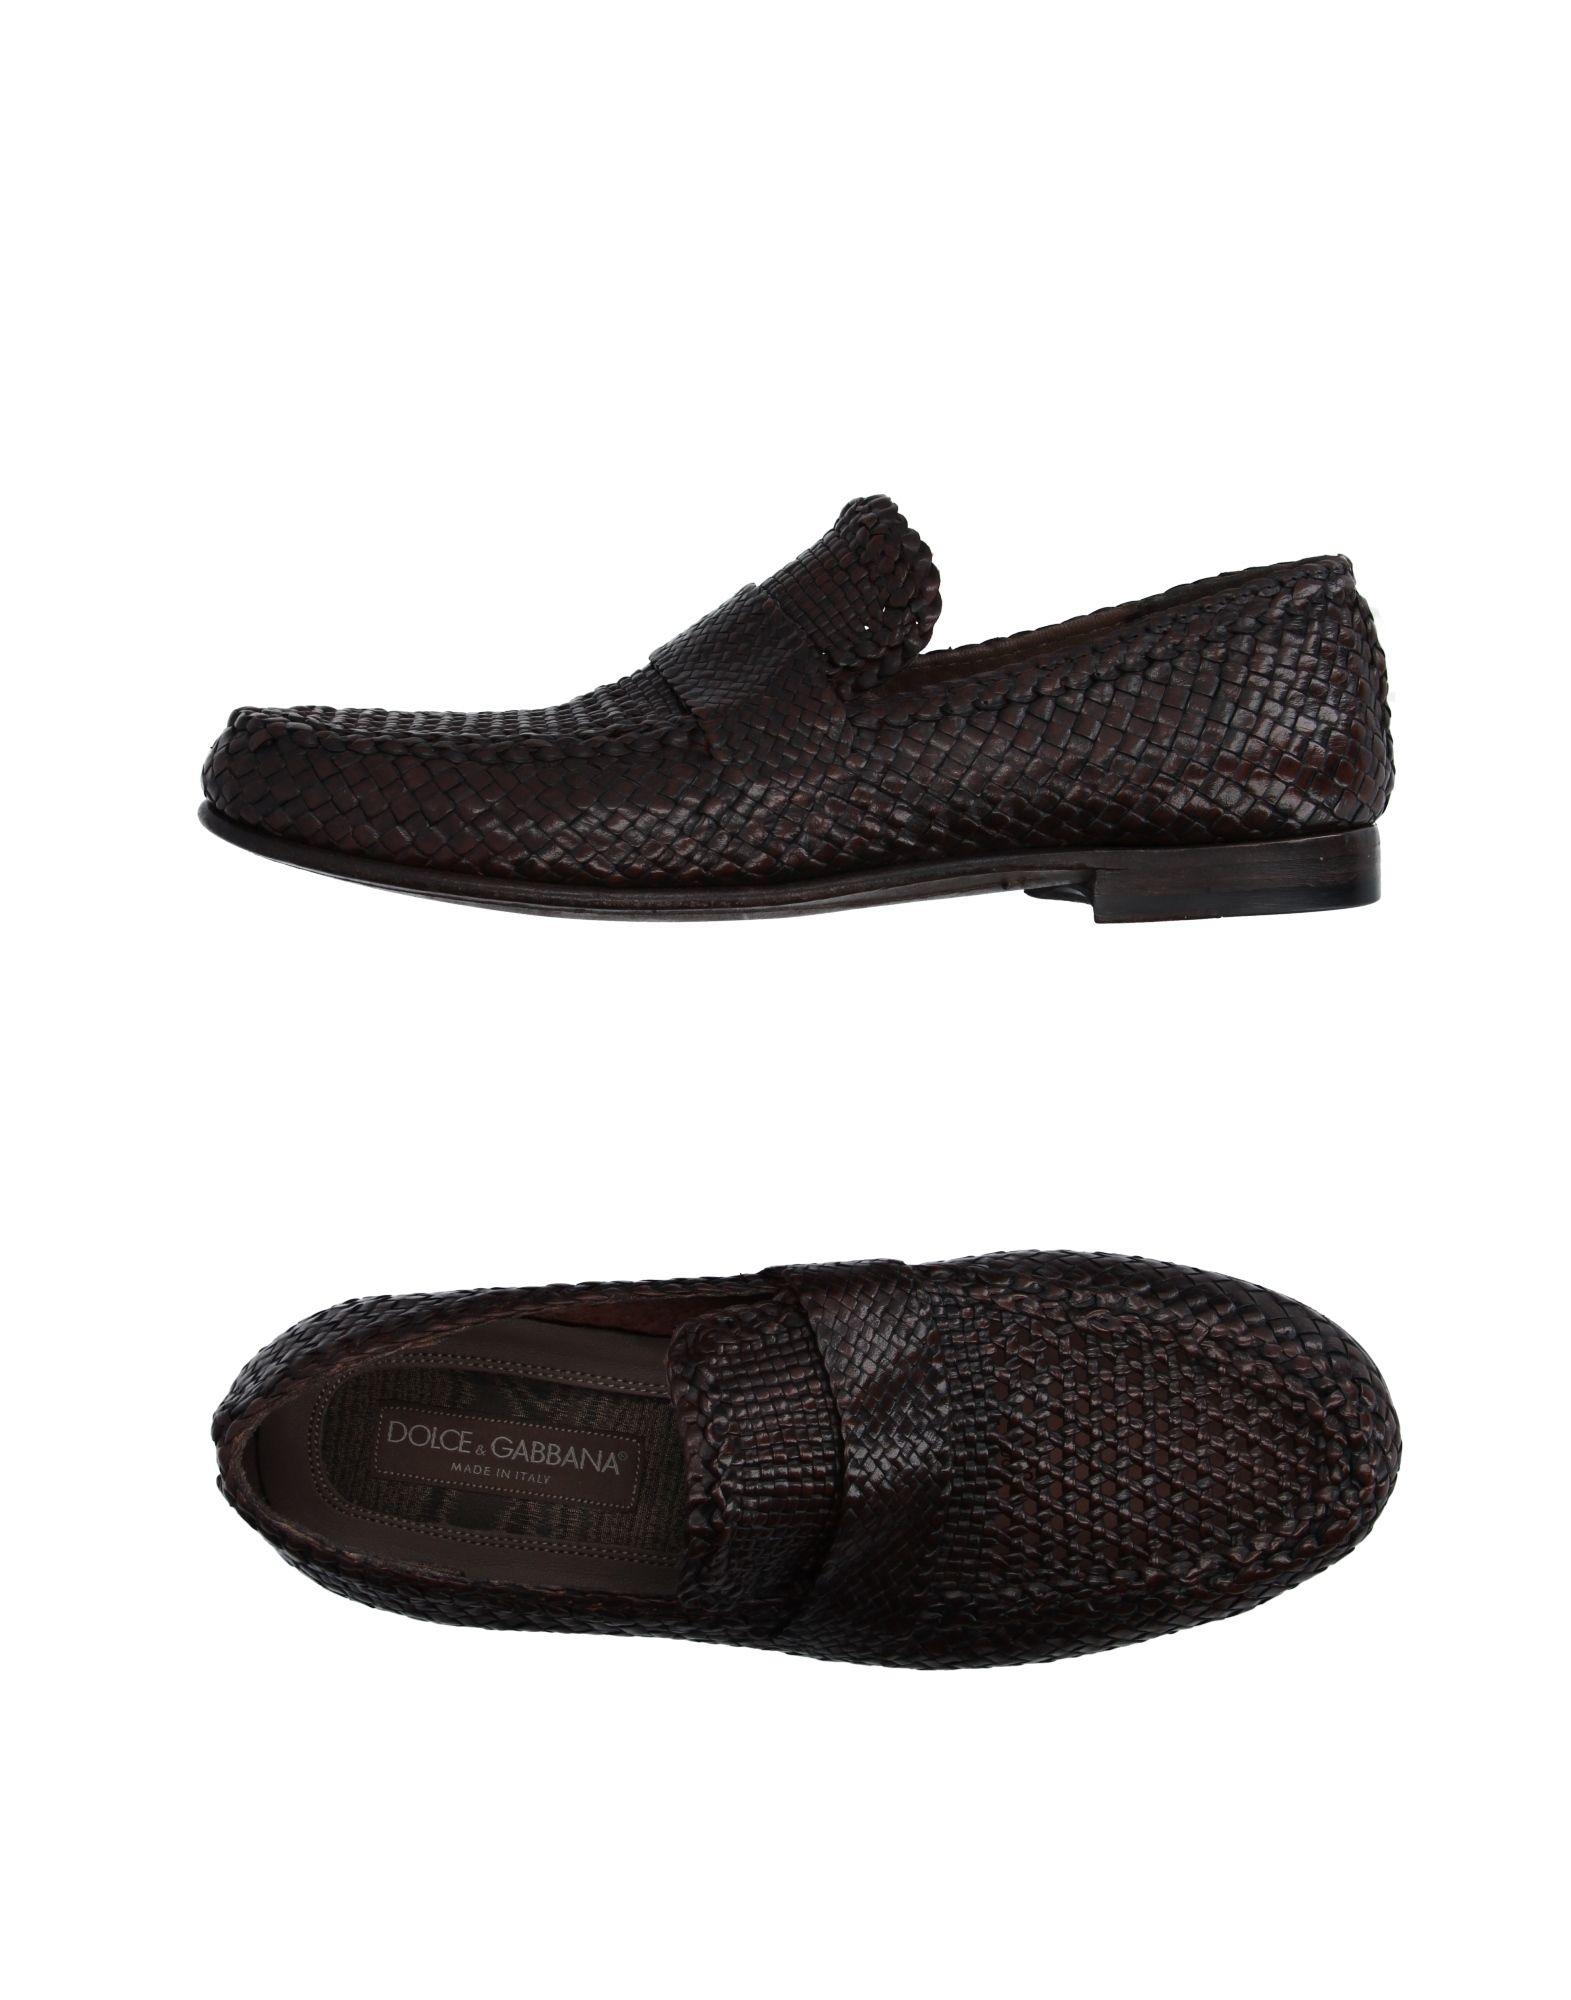 Dolce & Gabbana Mokassins Herren  11130403GB Gute Qualität beliebte Schuhe